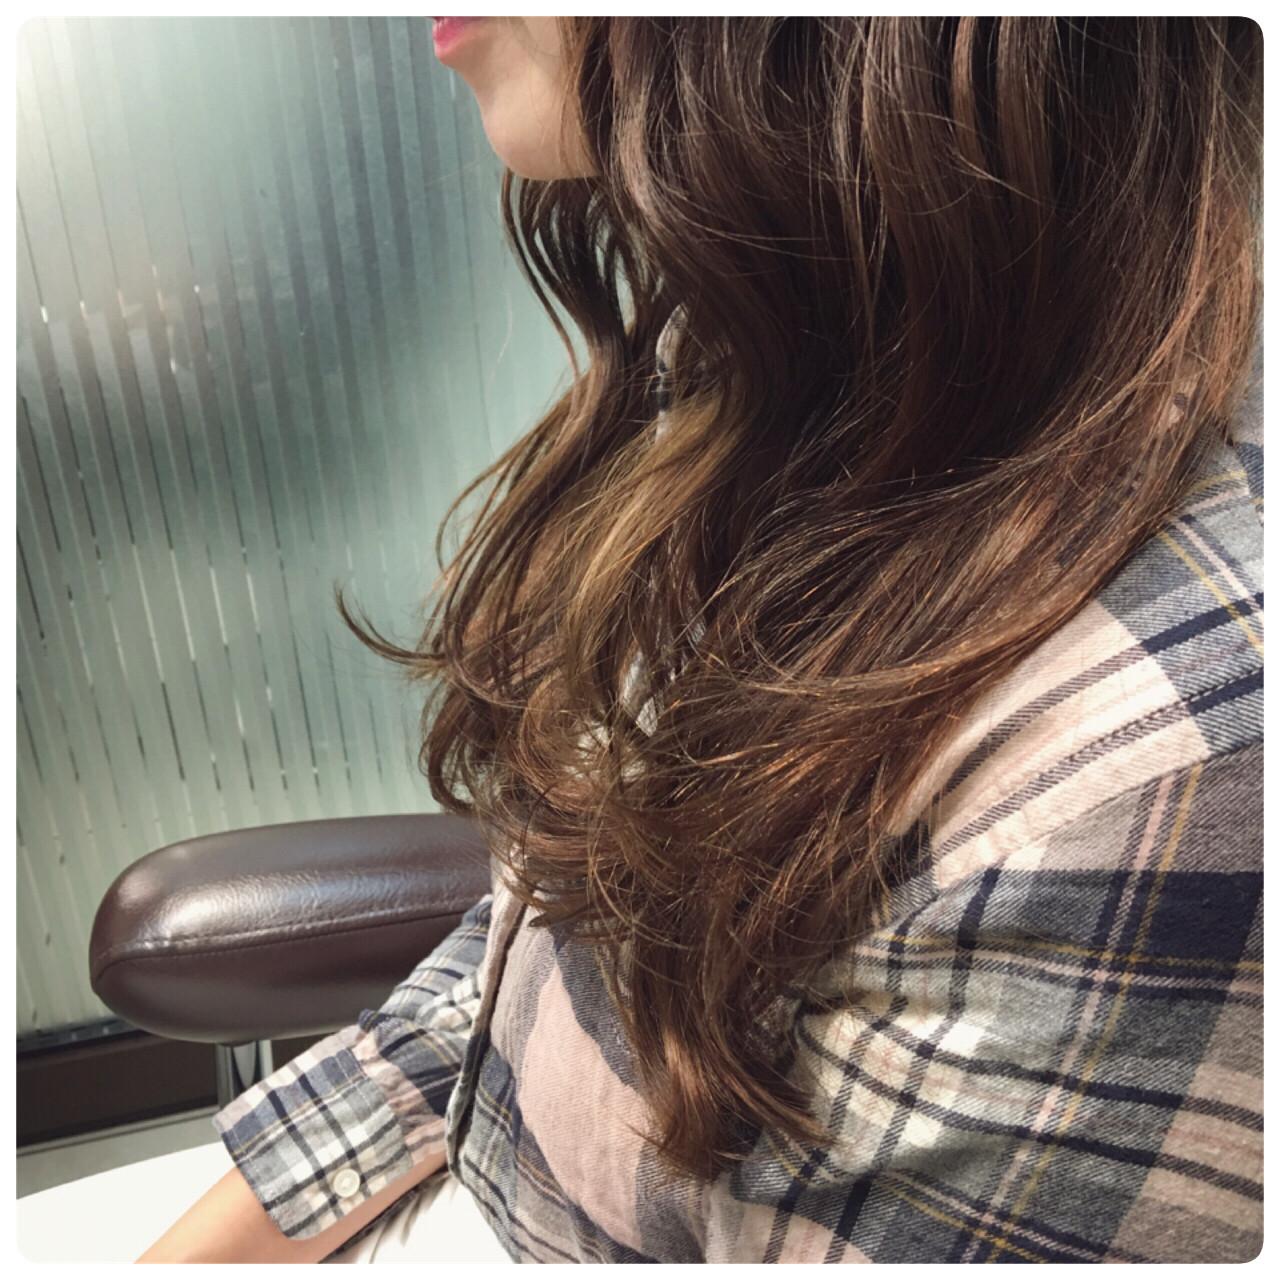 グラデーションカラー こなれ感 大人女子 小顔 ヘアスタイルや髪型の写真・画像